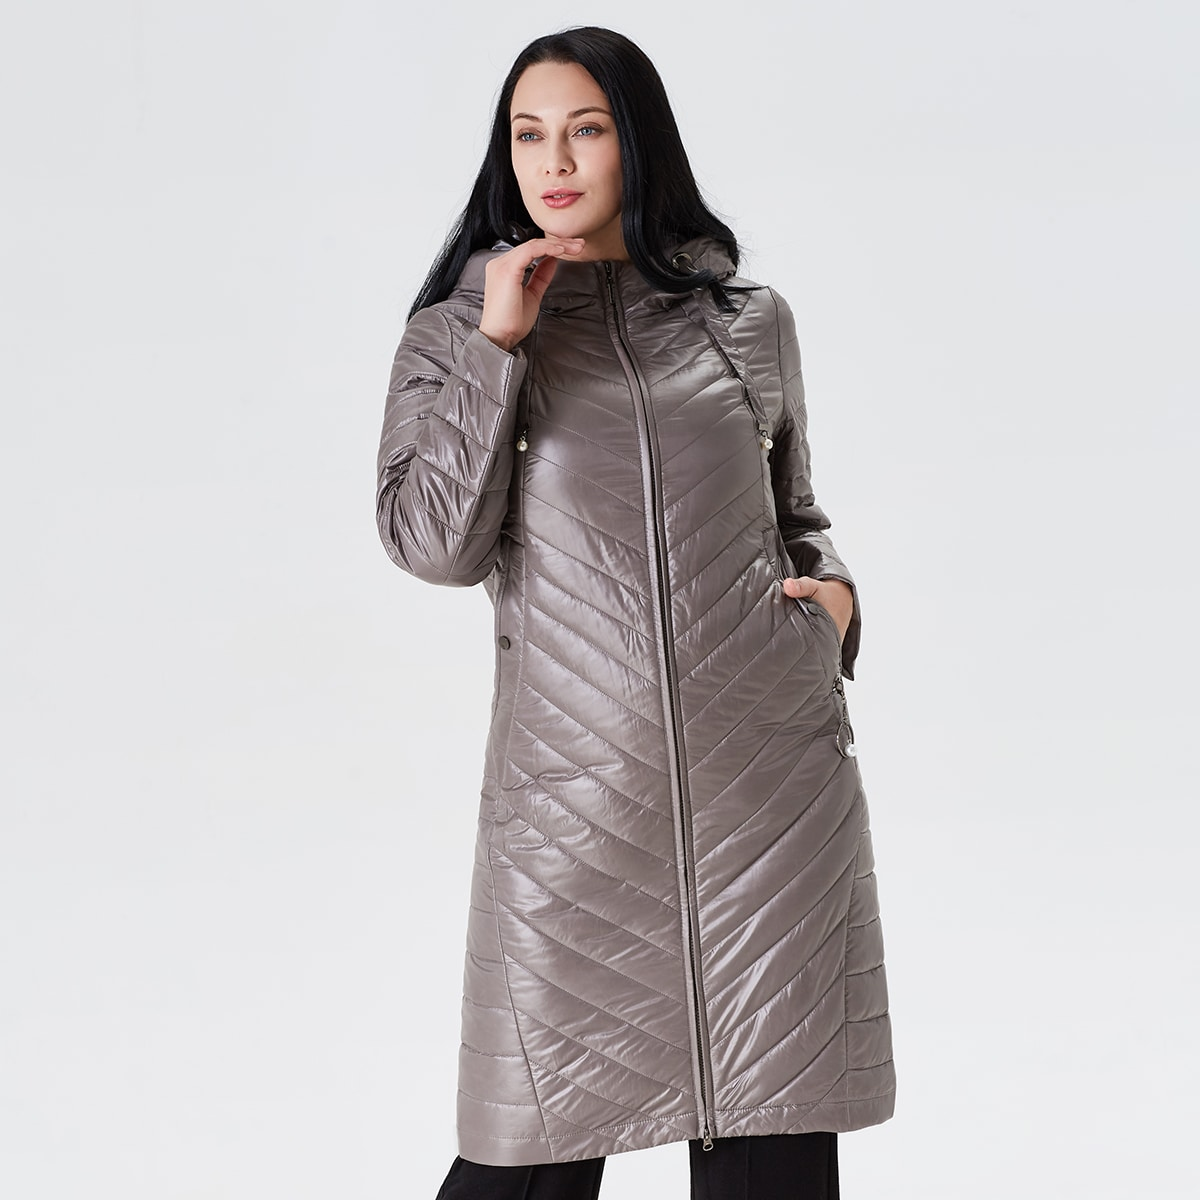 Astrid ватное пальто размера плюс с капюшоном на молнии